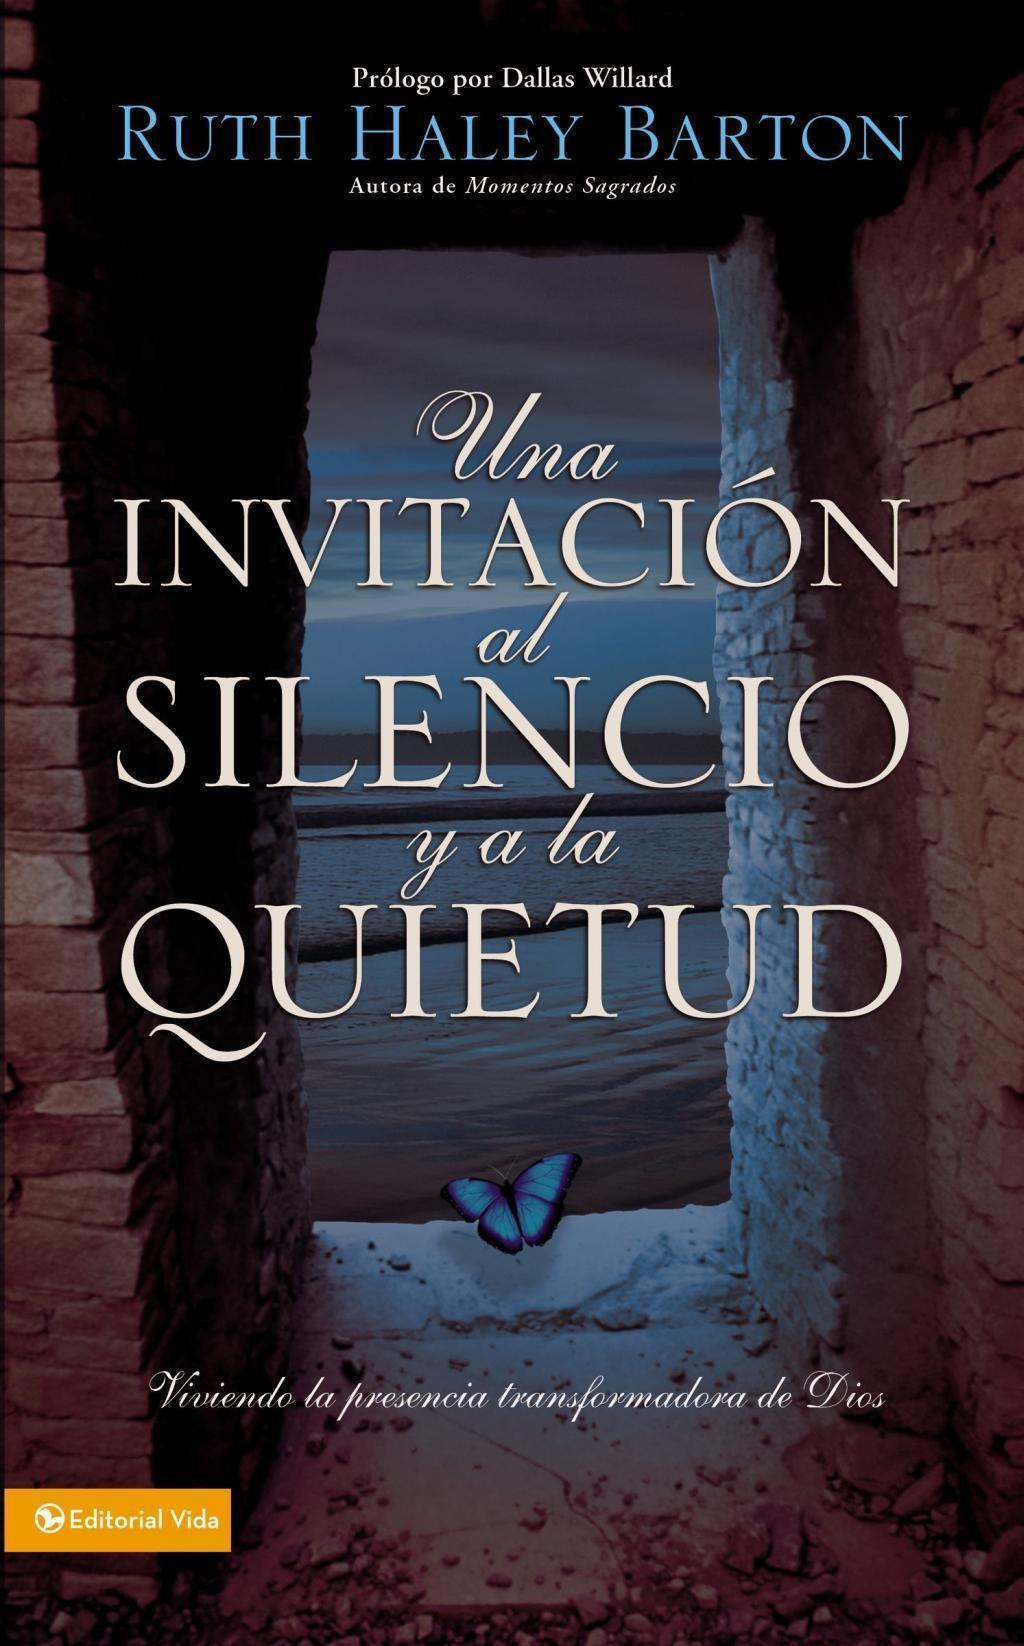 Una Invitación al silencio y a la quietud